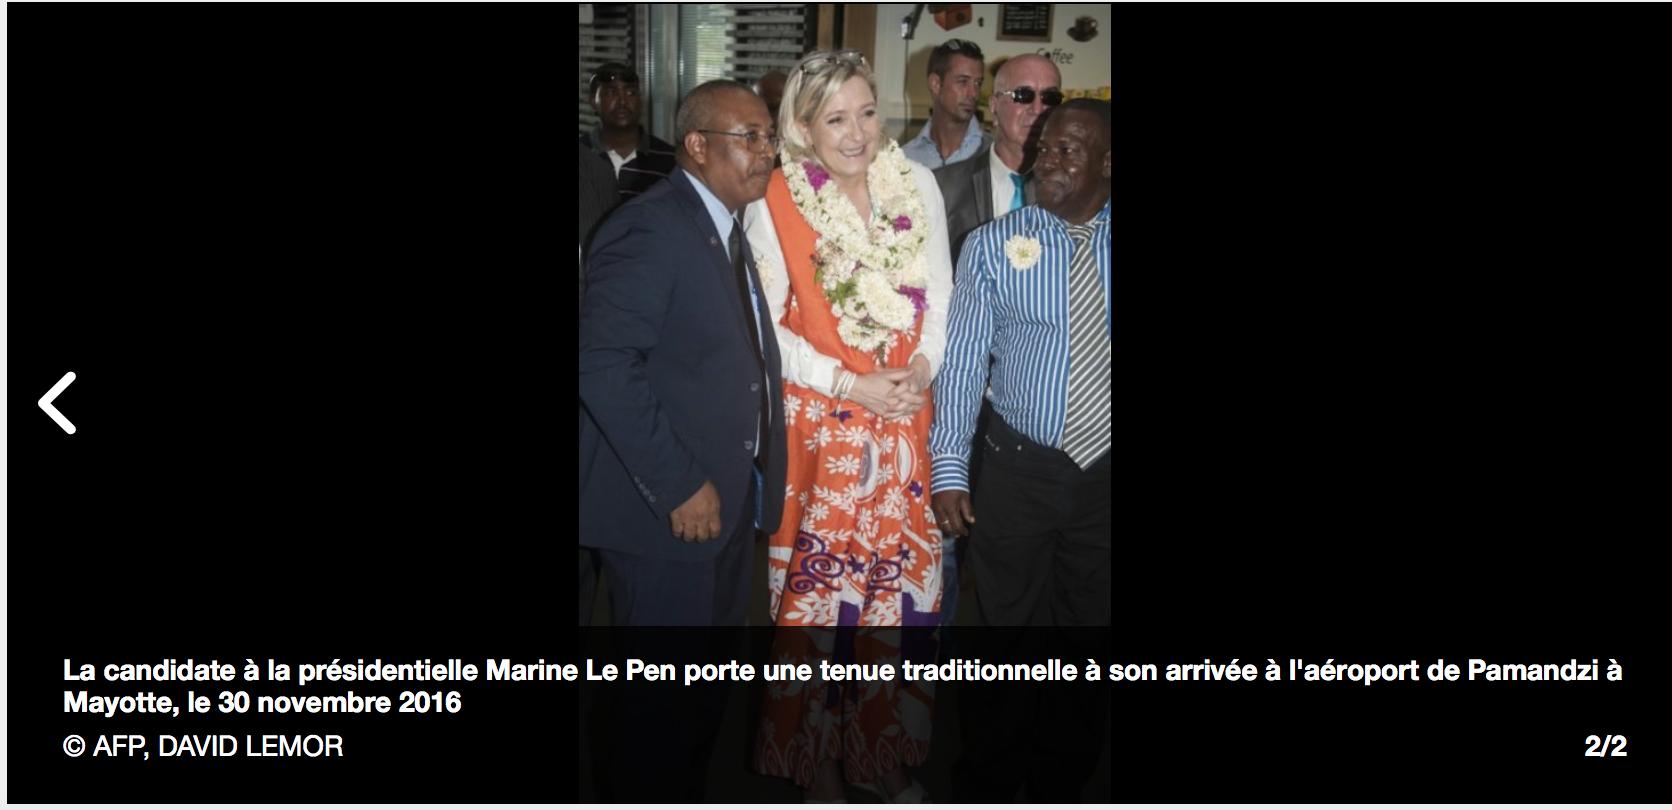 Mayotte n'est pas la France, Marine risque de tout perdre à cause de son silence sur l'islam